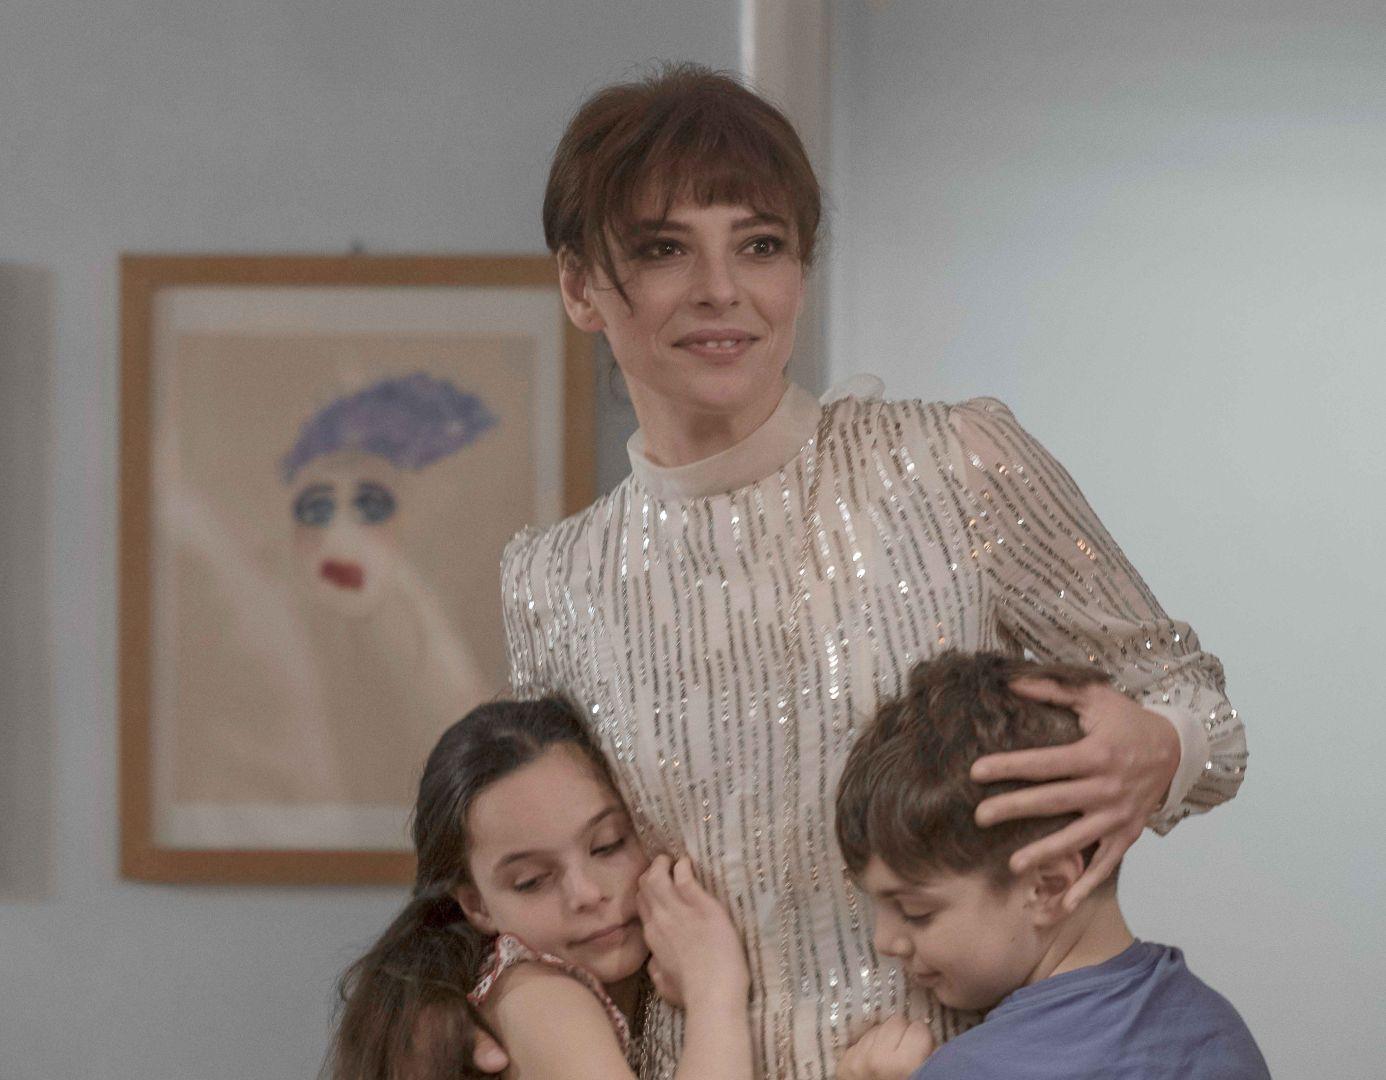 潔絲敏婷卡想央請同志閨蜜代為照料兩個孩子,卻意外捲入他們同居15年的分手風暴